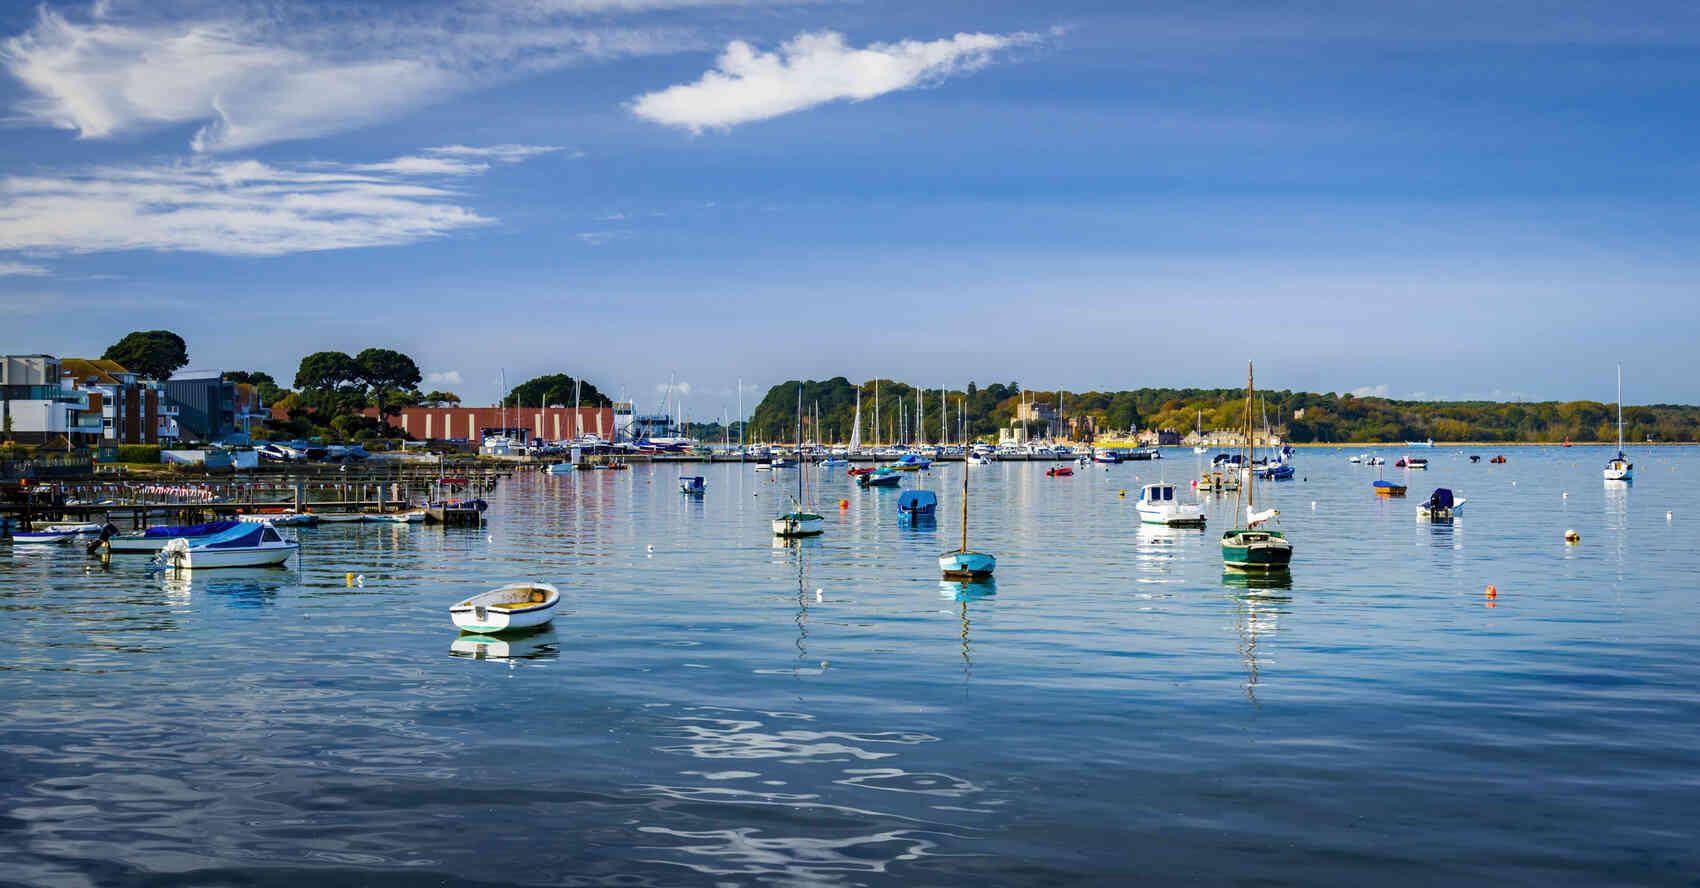 Poole Harbor in Dorset